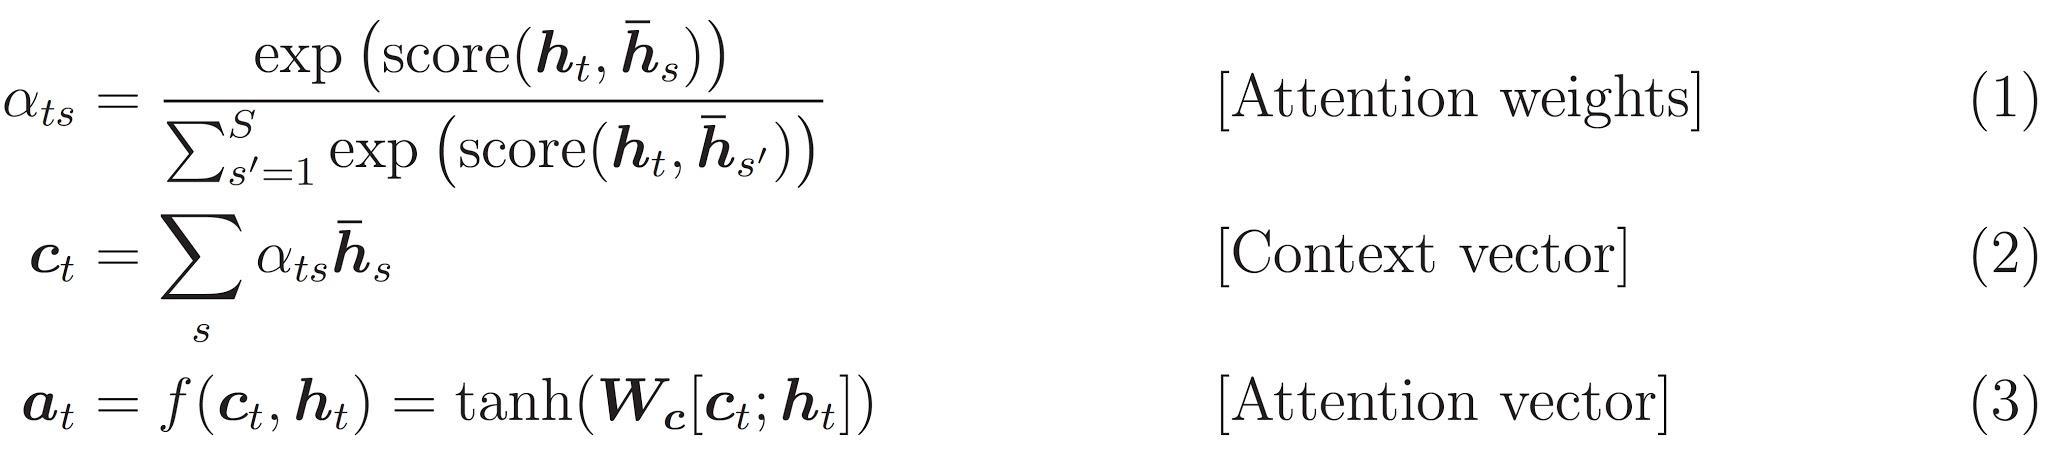 equazione dell'attenzione 0